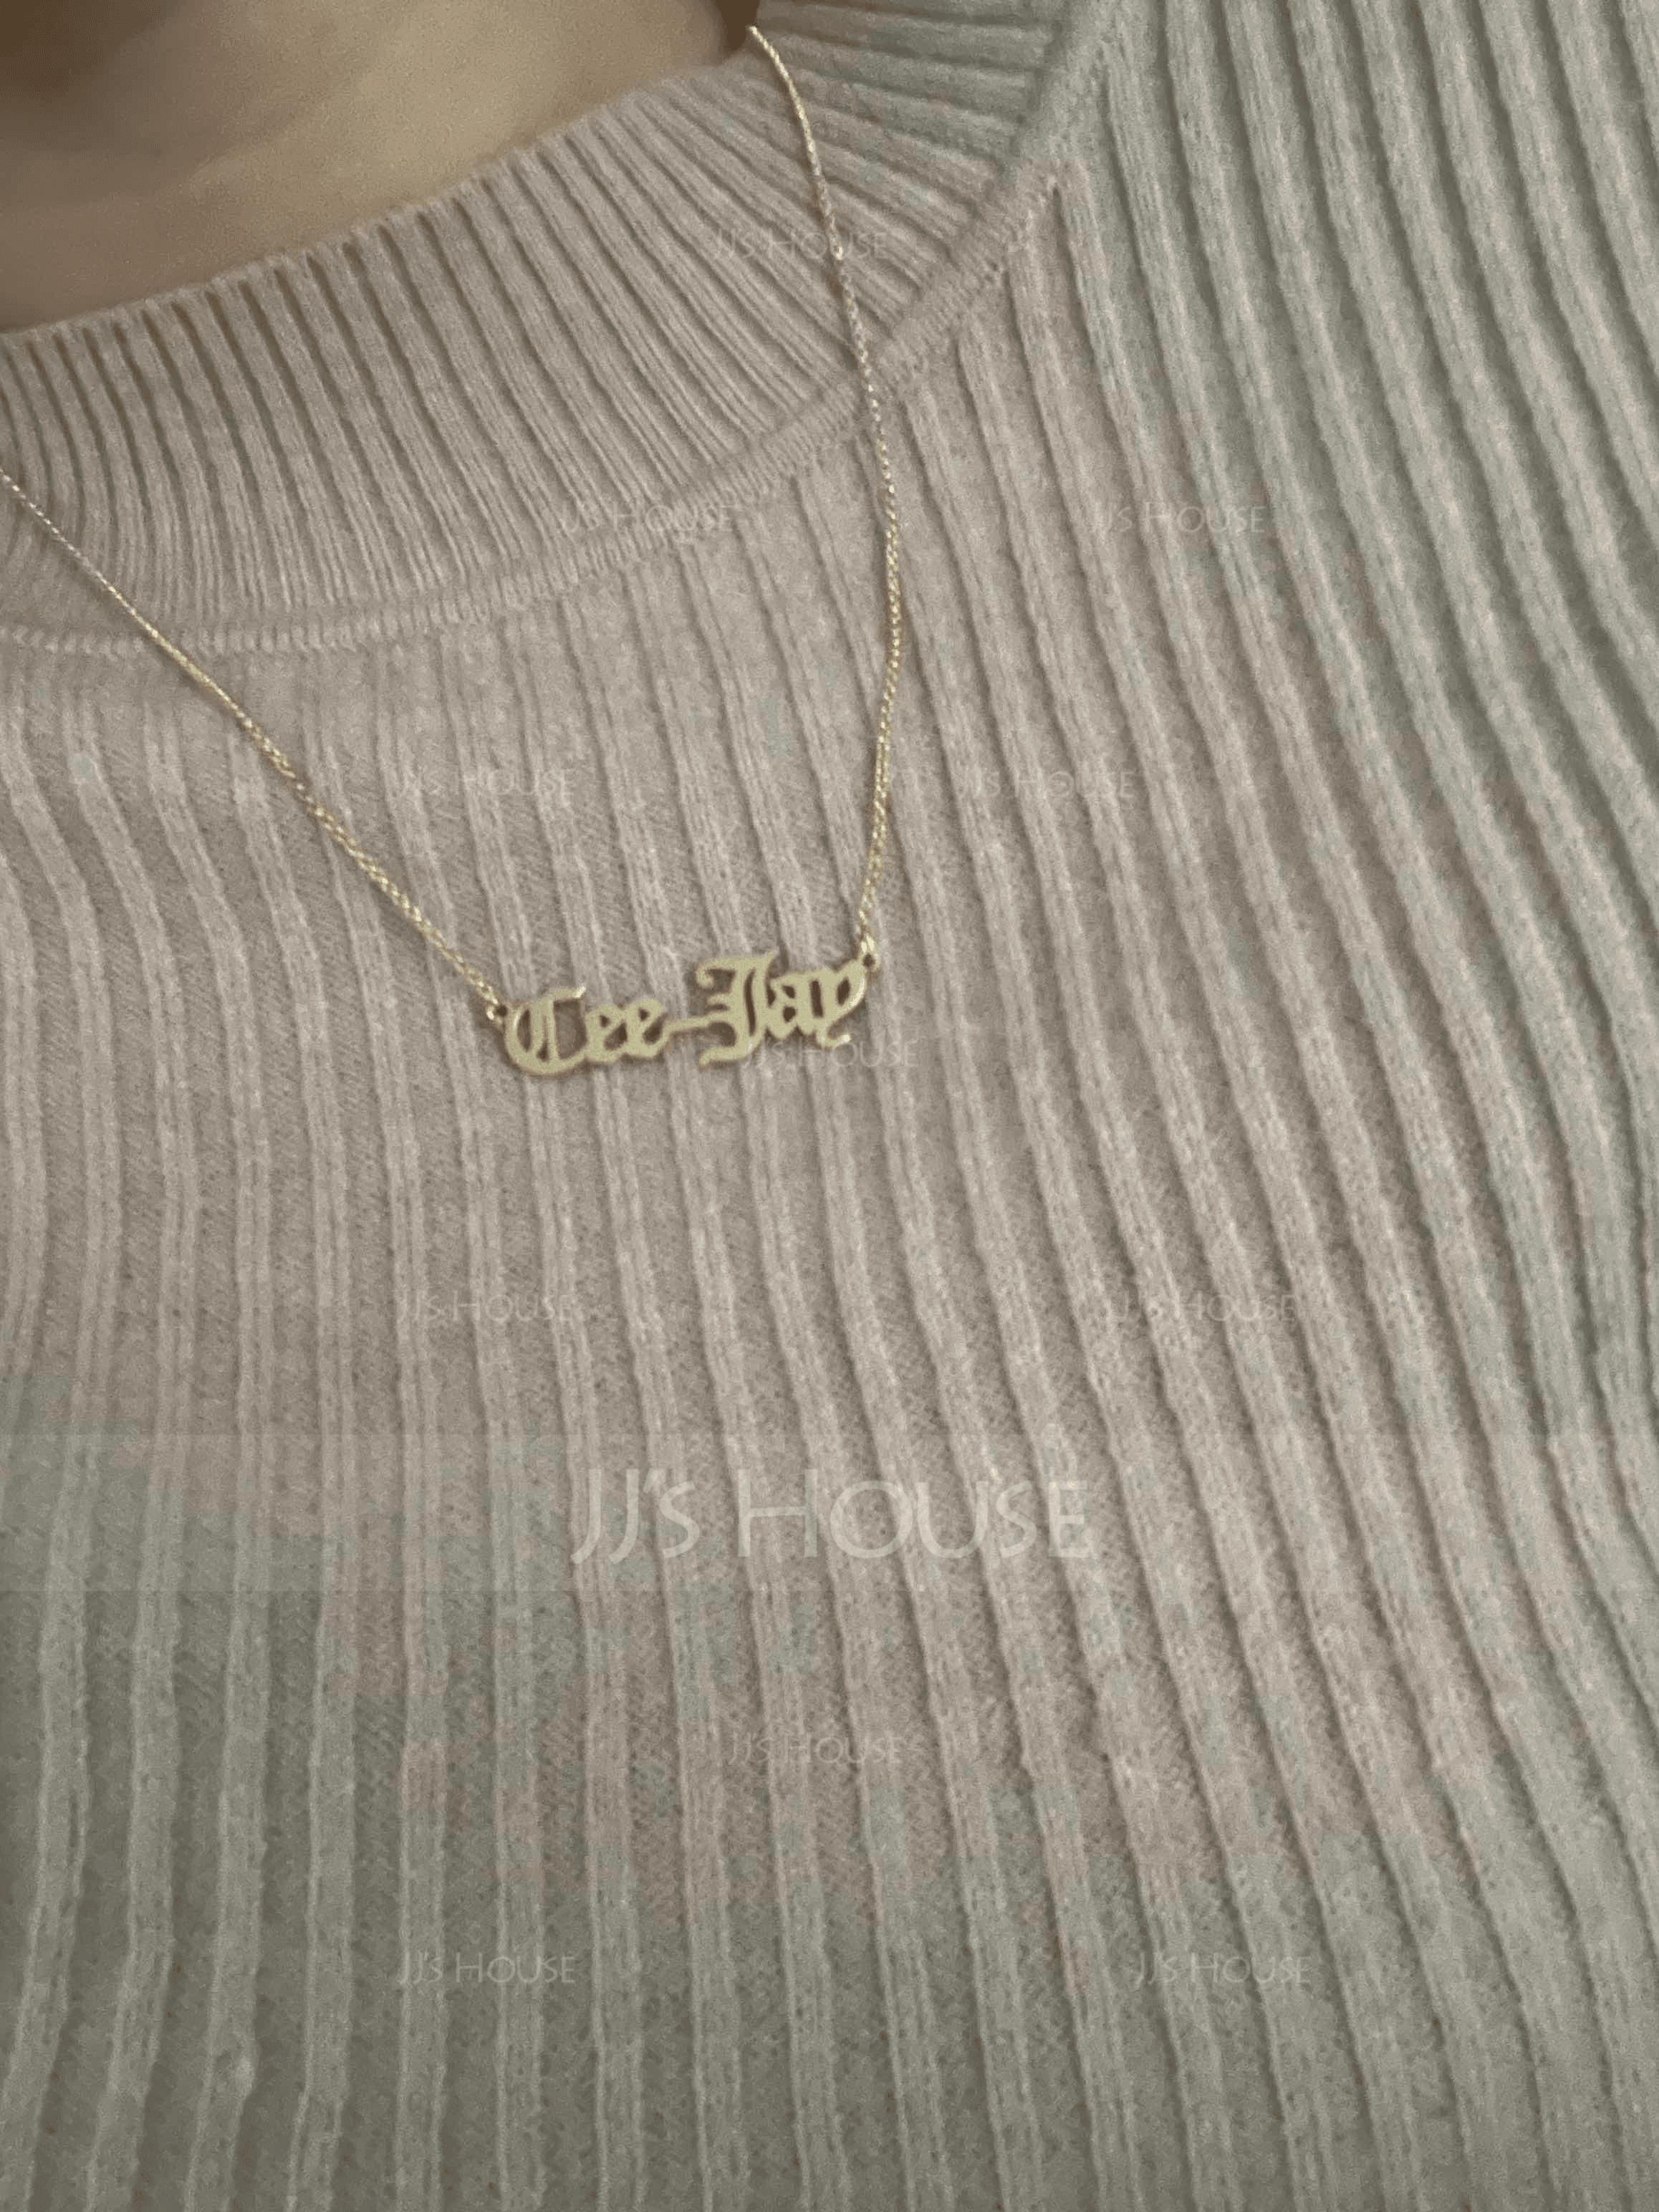 [送料無料]パーソナライズ 18Kゴールドメッキ 古英語 ネームネックレス - 誕生日プレゼント 母の日ギフト